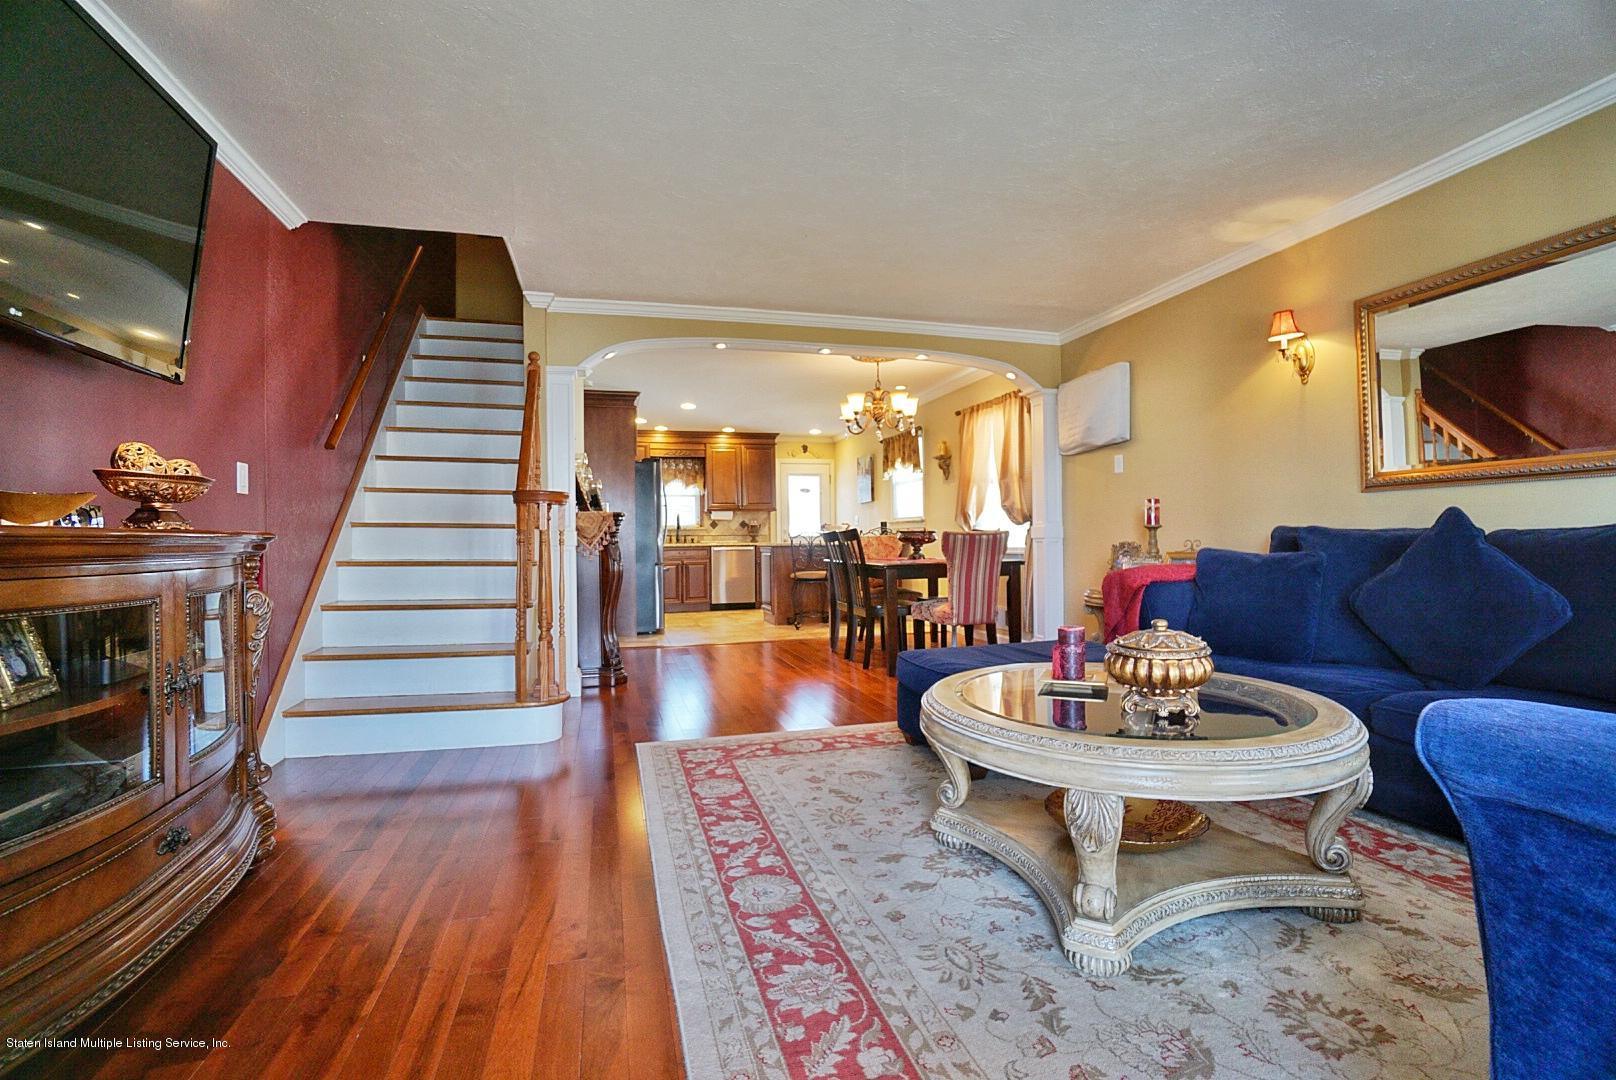 Single Family - Semi-Attached 366 Fairbanks Avenue  Staten Island, NY 10306, MLS-1127458-5